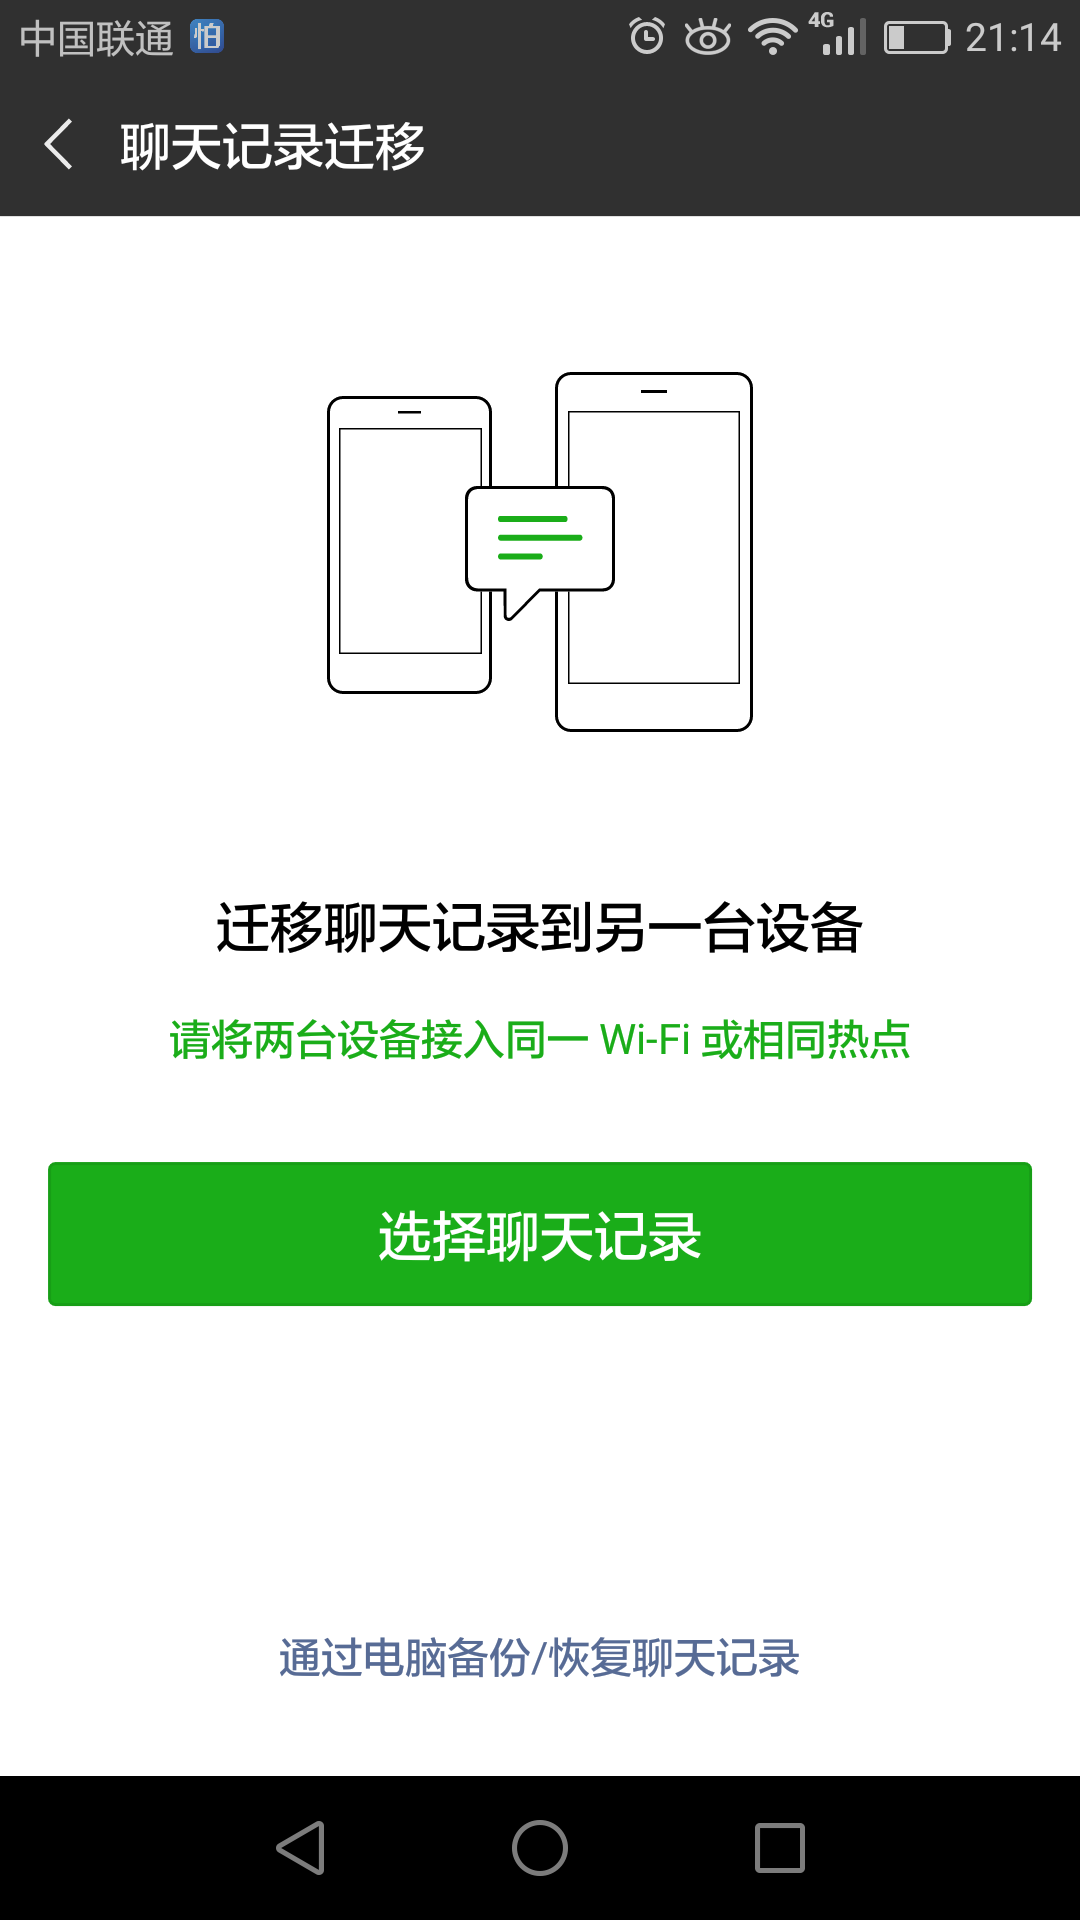 微信聊天记录迁移到其他设备